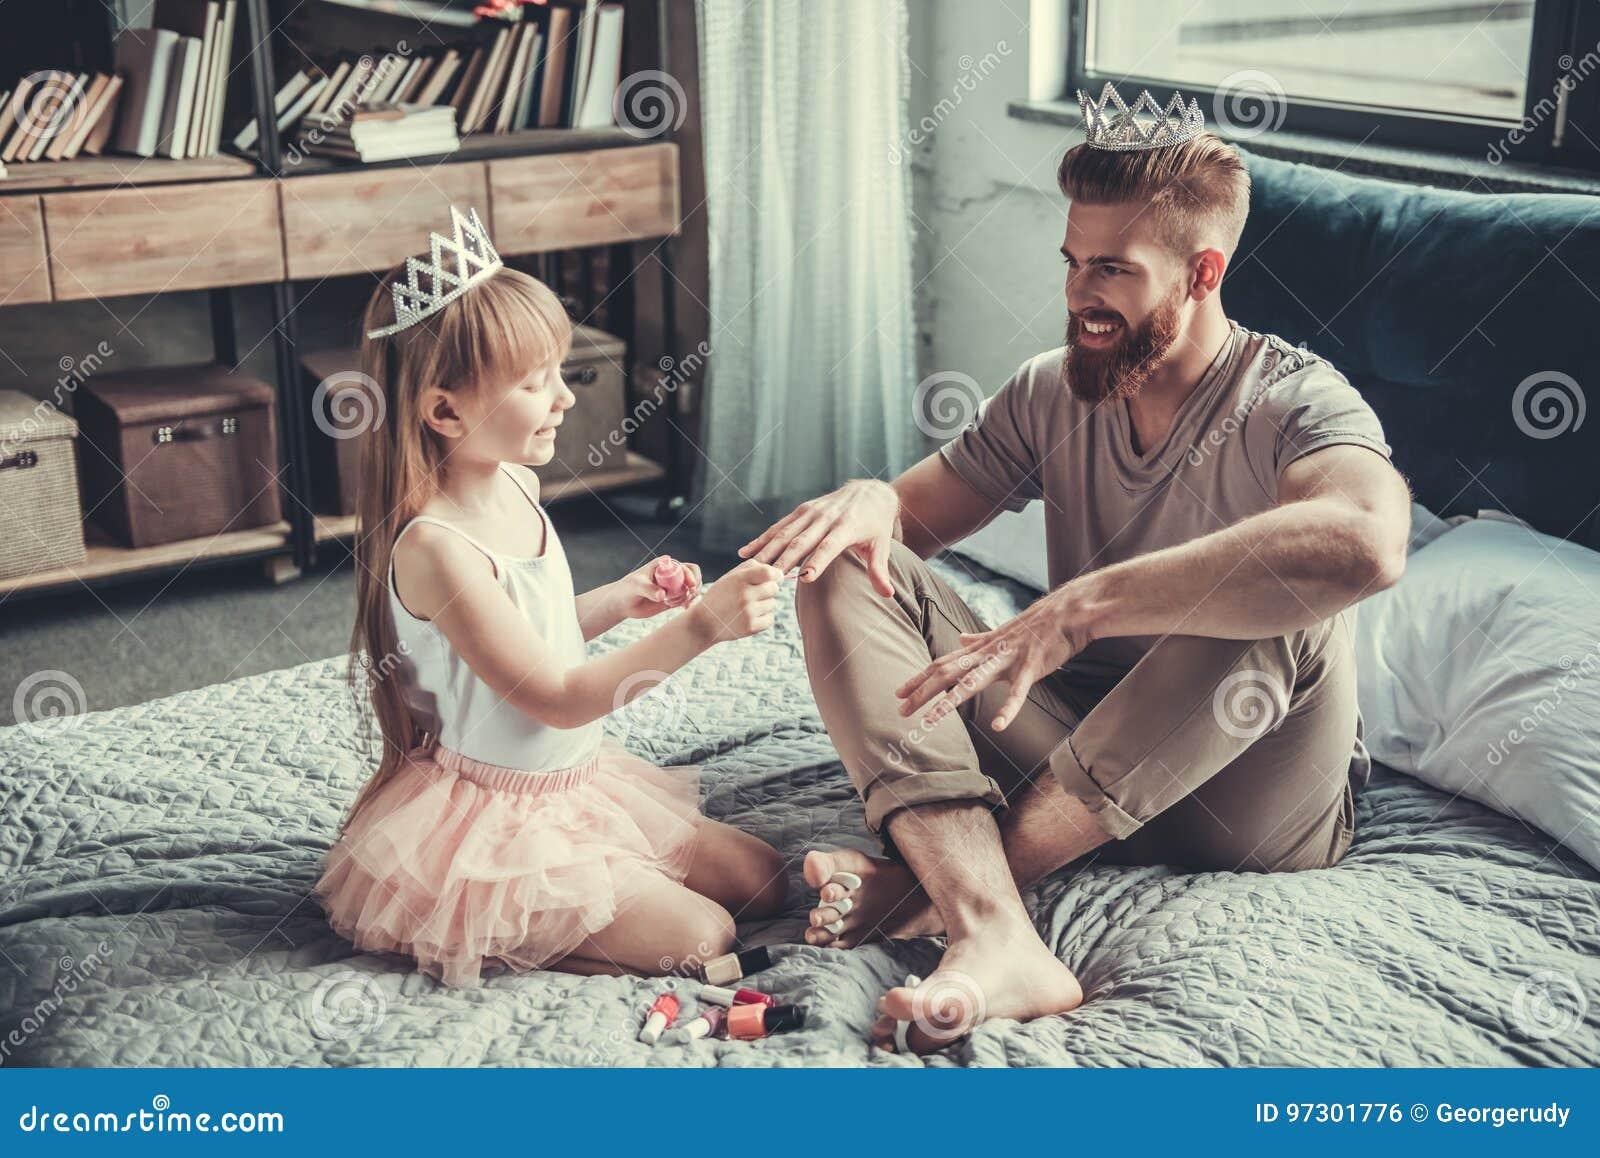 Vati und Tochter